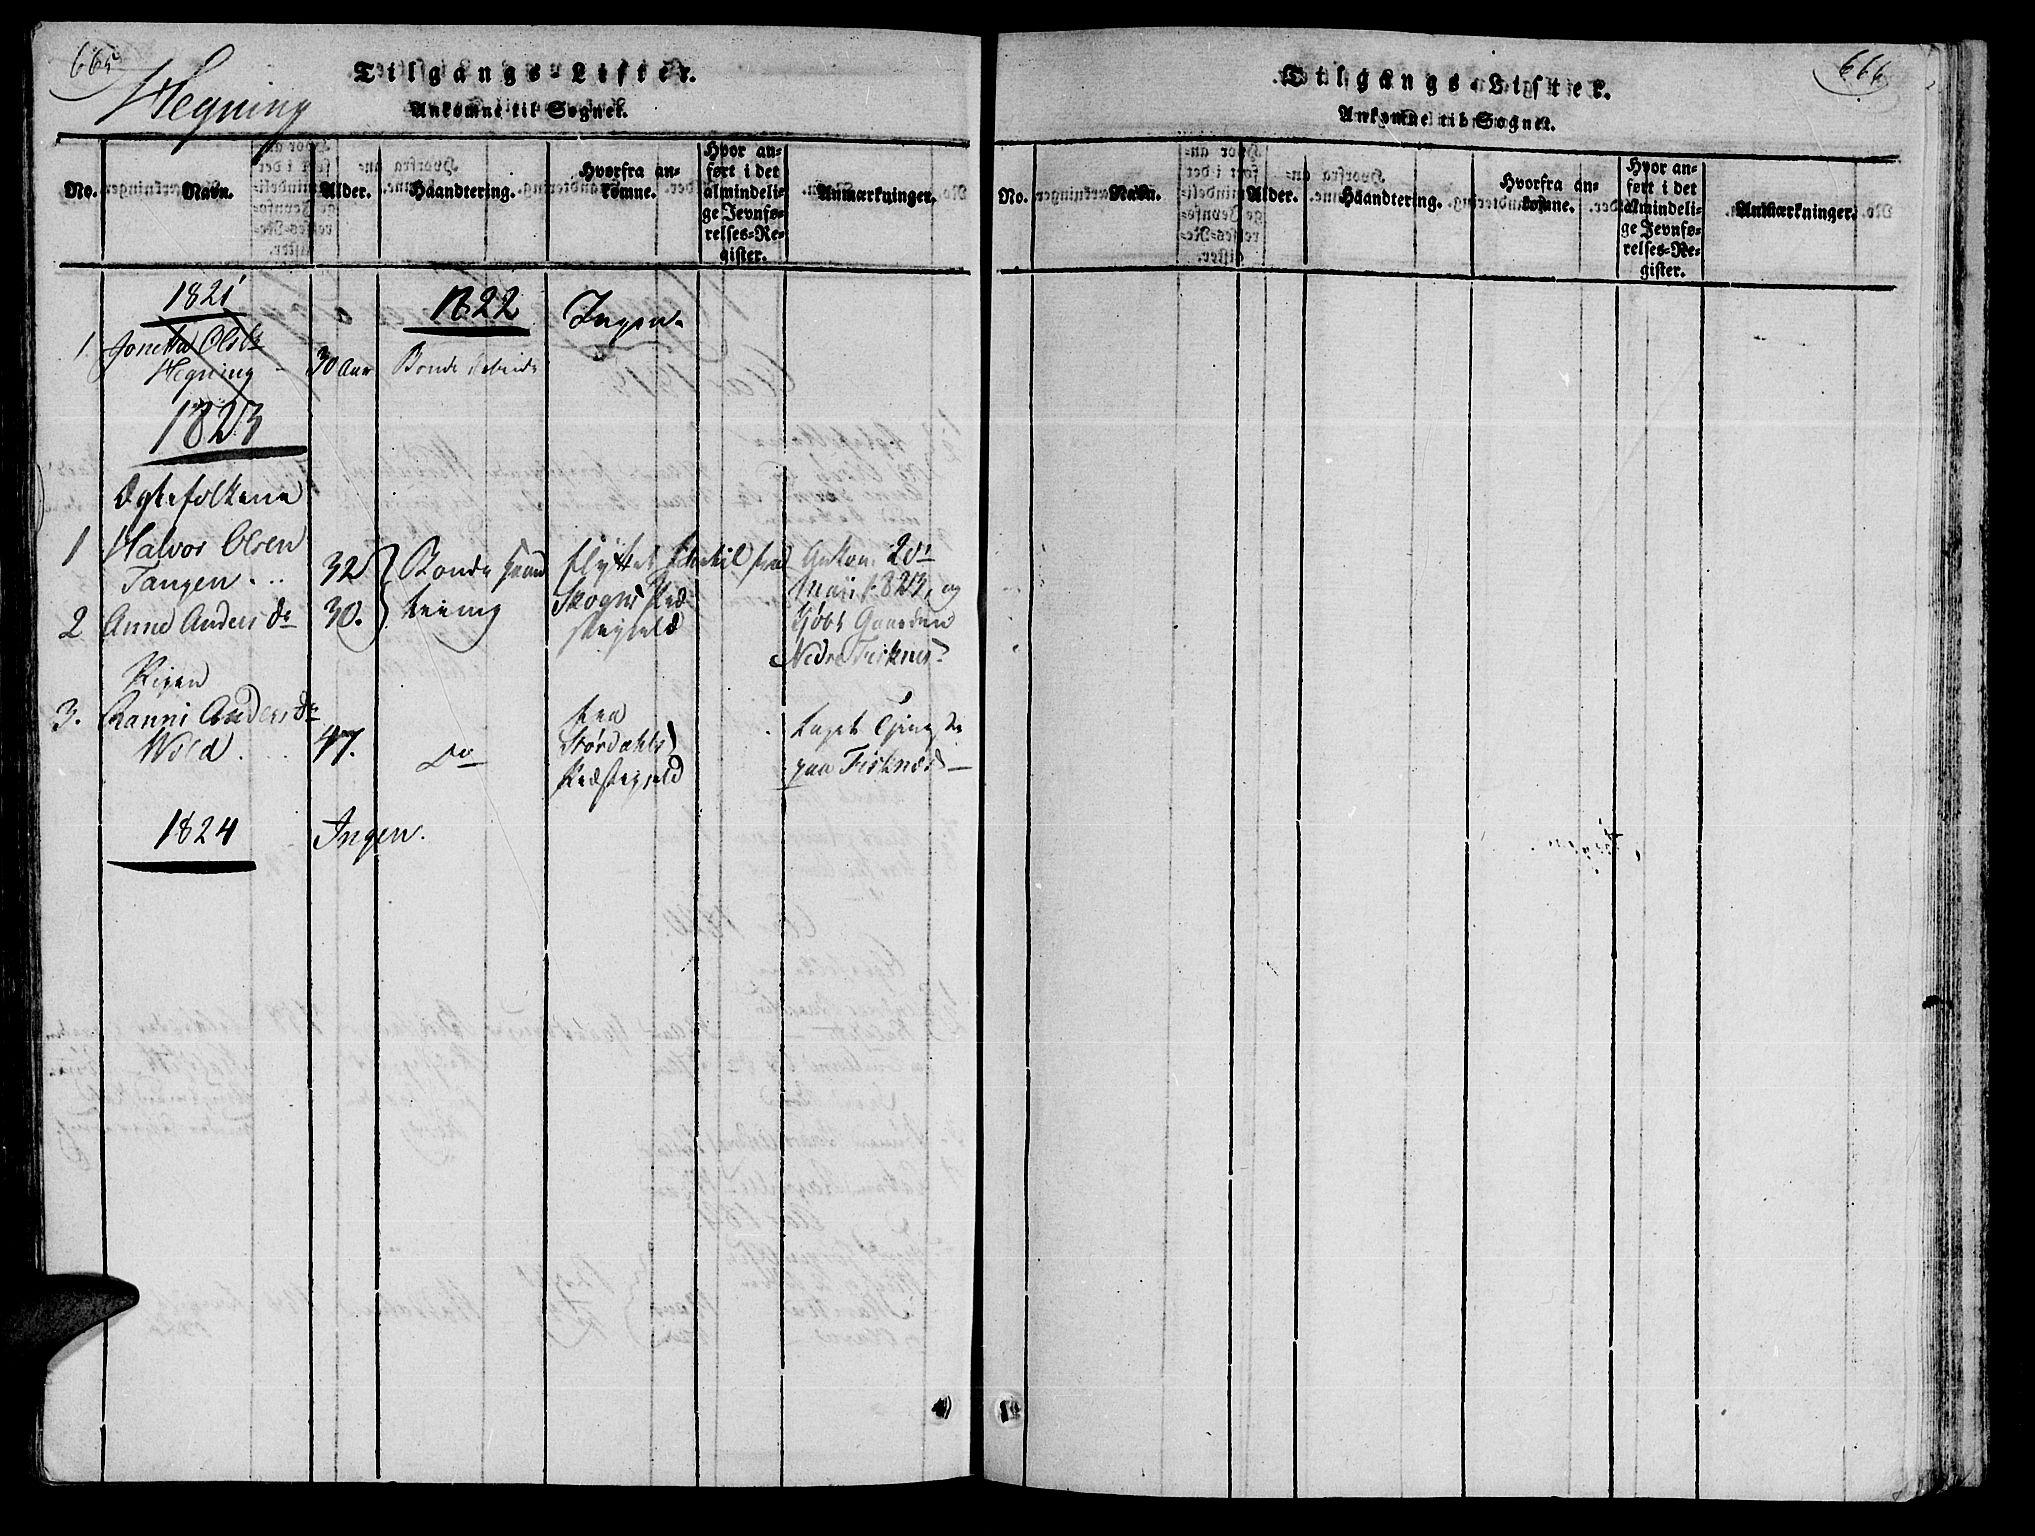 SAT, Ministerialprotokoller, klokkerbøker og fødselsregistre - Nord-Trøndelag, 735/L0333: Ministerialbok nr. 735A04 /3, 1816-1825, s. 665-666